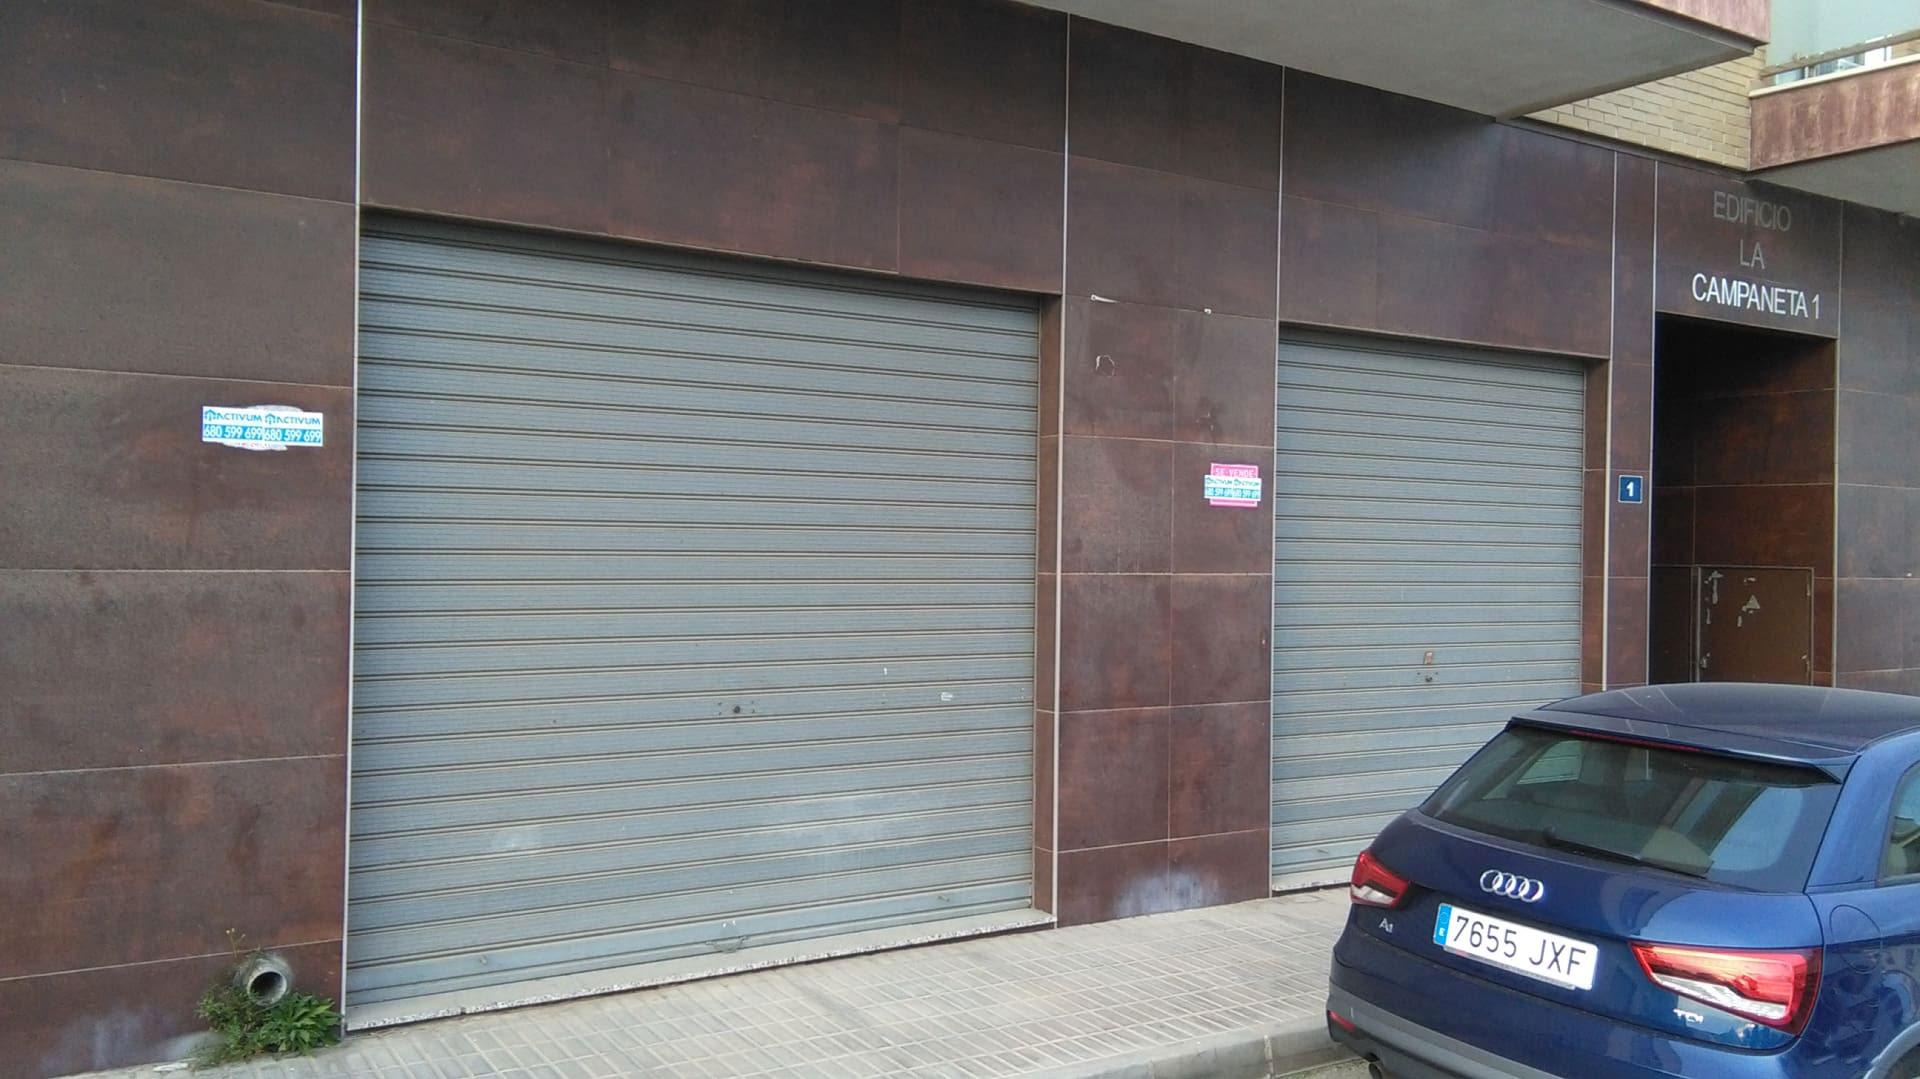 Local en venta en La Campaneta, Orihuela, Alicante, Calle Orihuela, 46.368 €, 158 m2